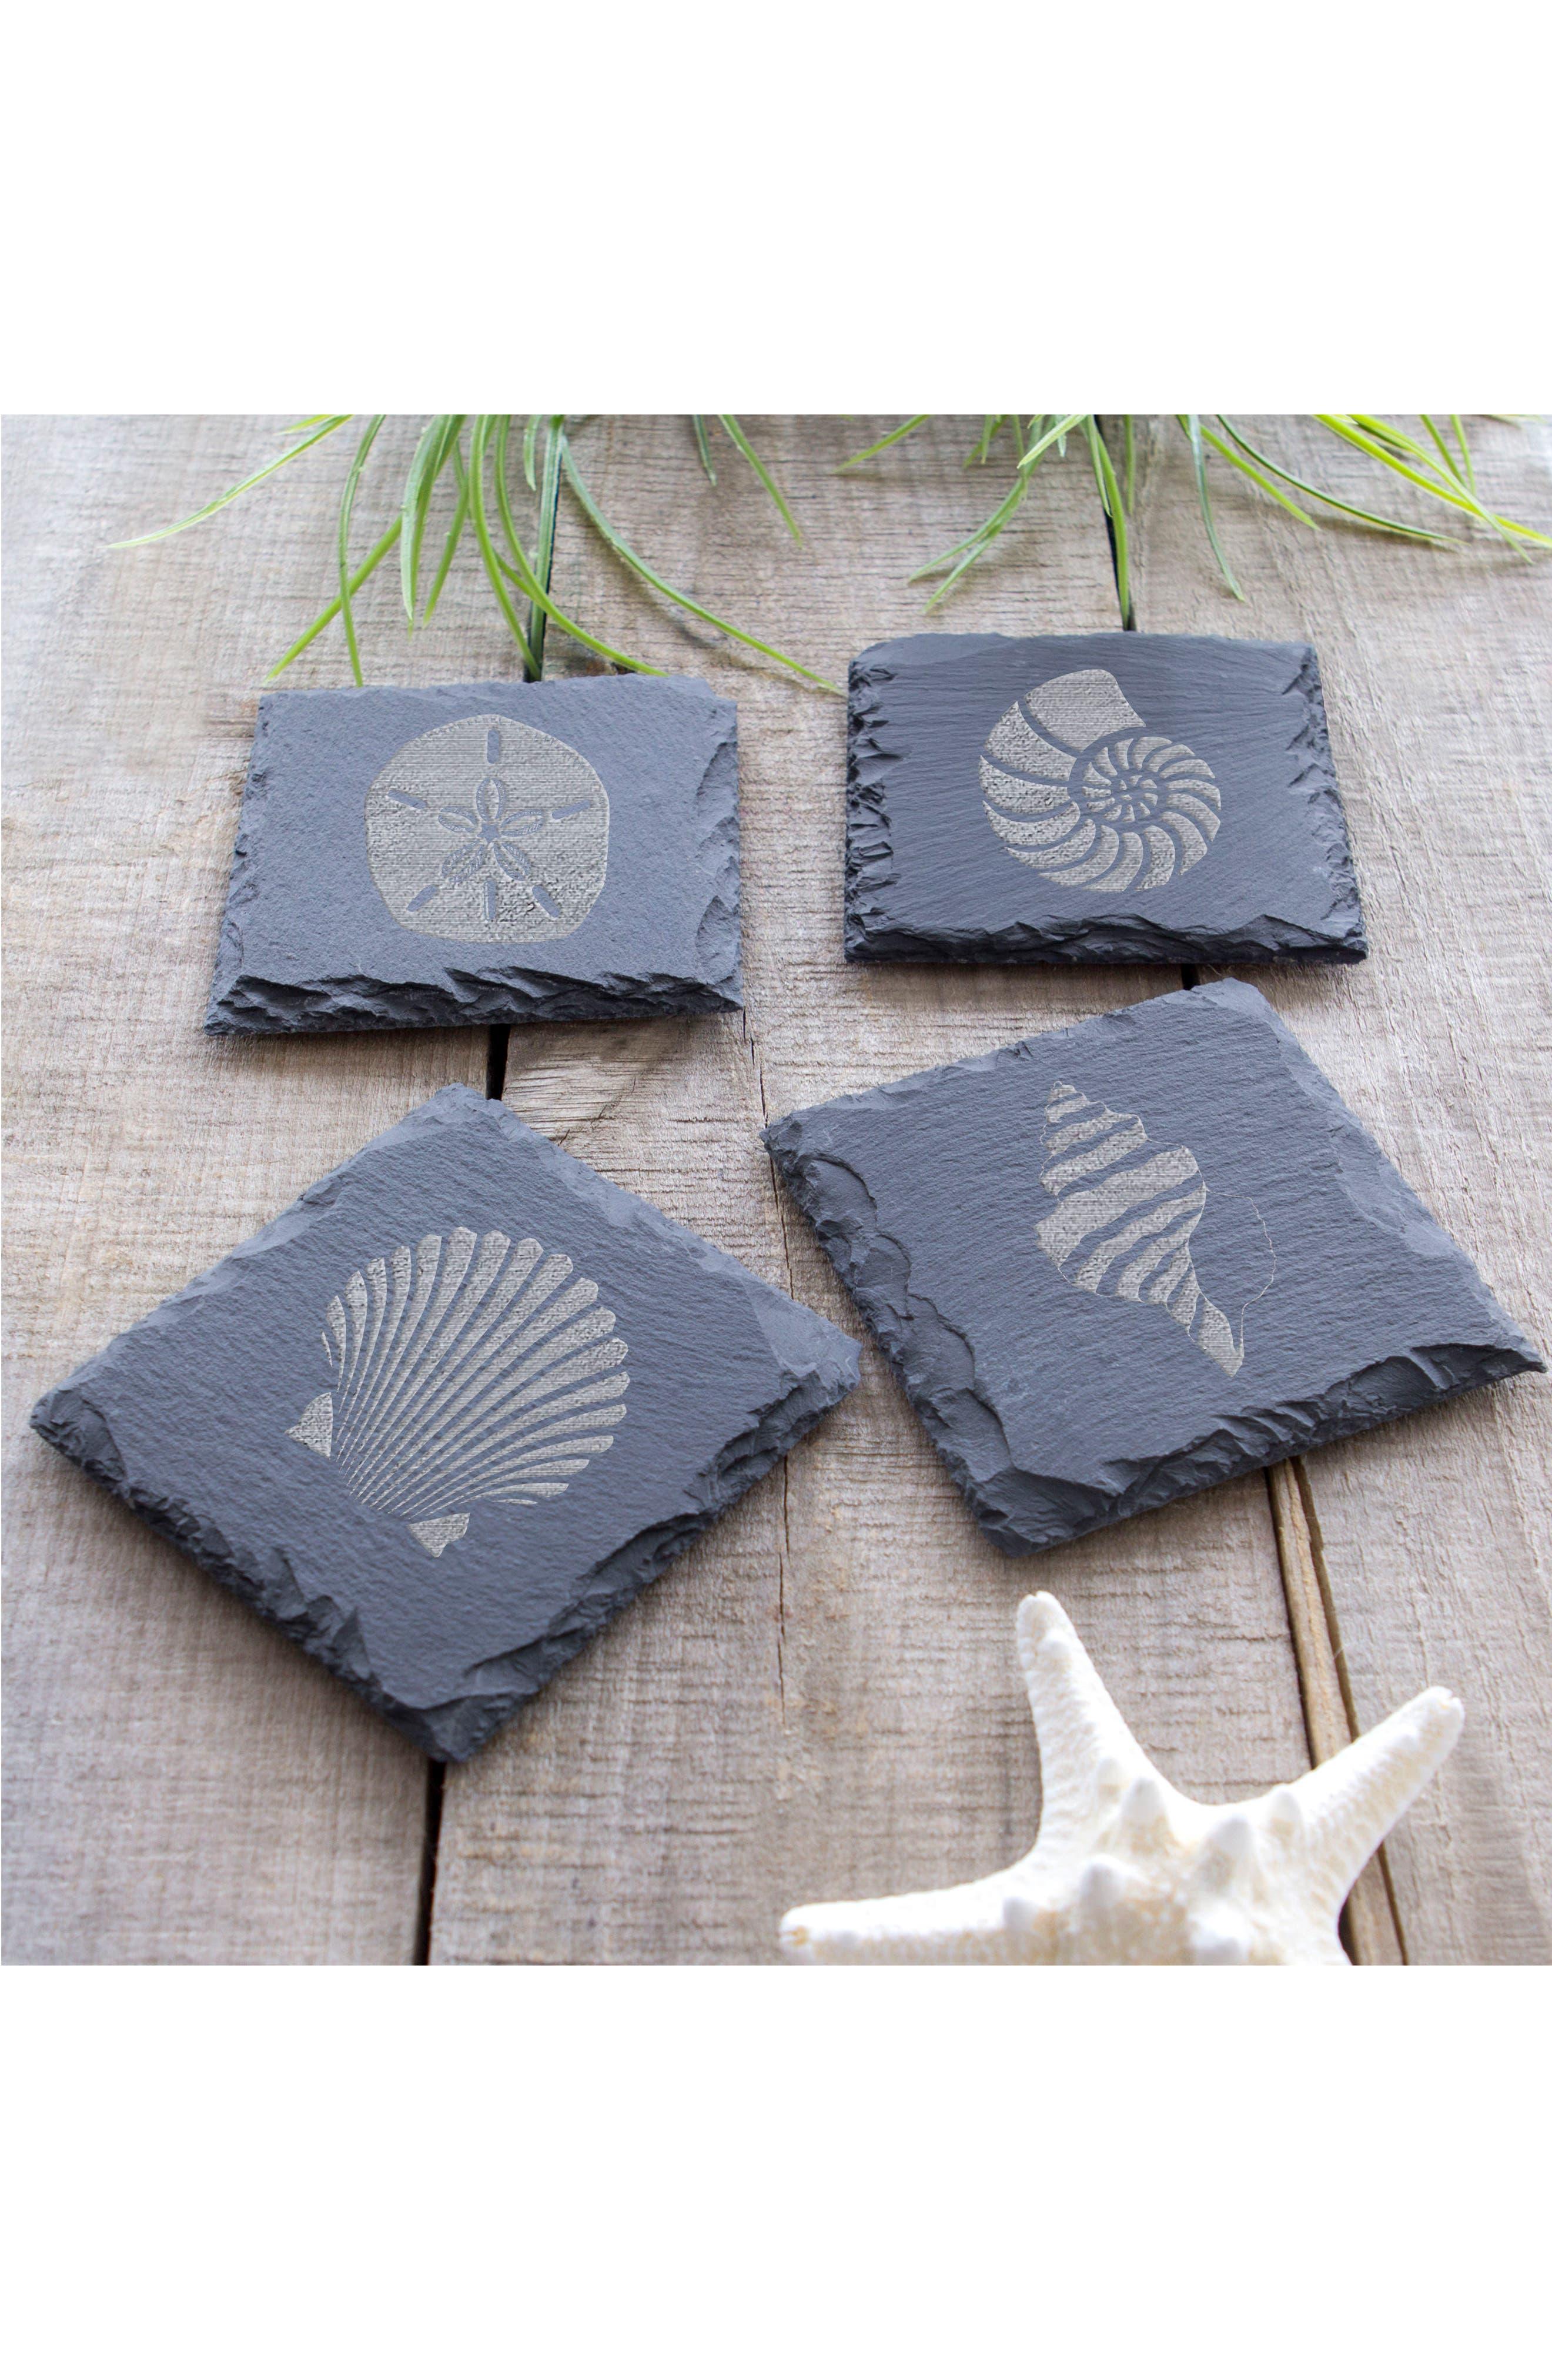 Set of 4 Slate Coasters,                             Alternate thumbnail 4, color,                             Sea Shell